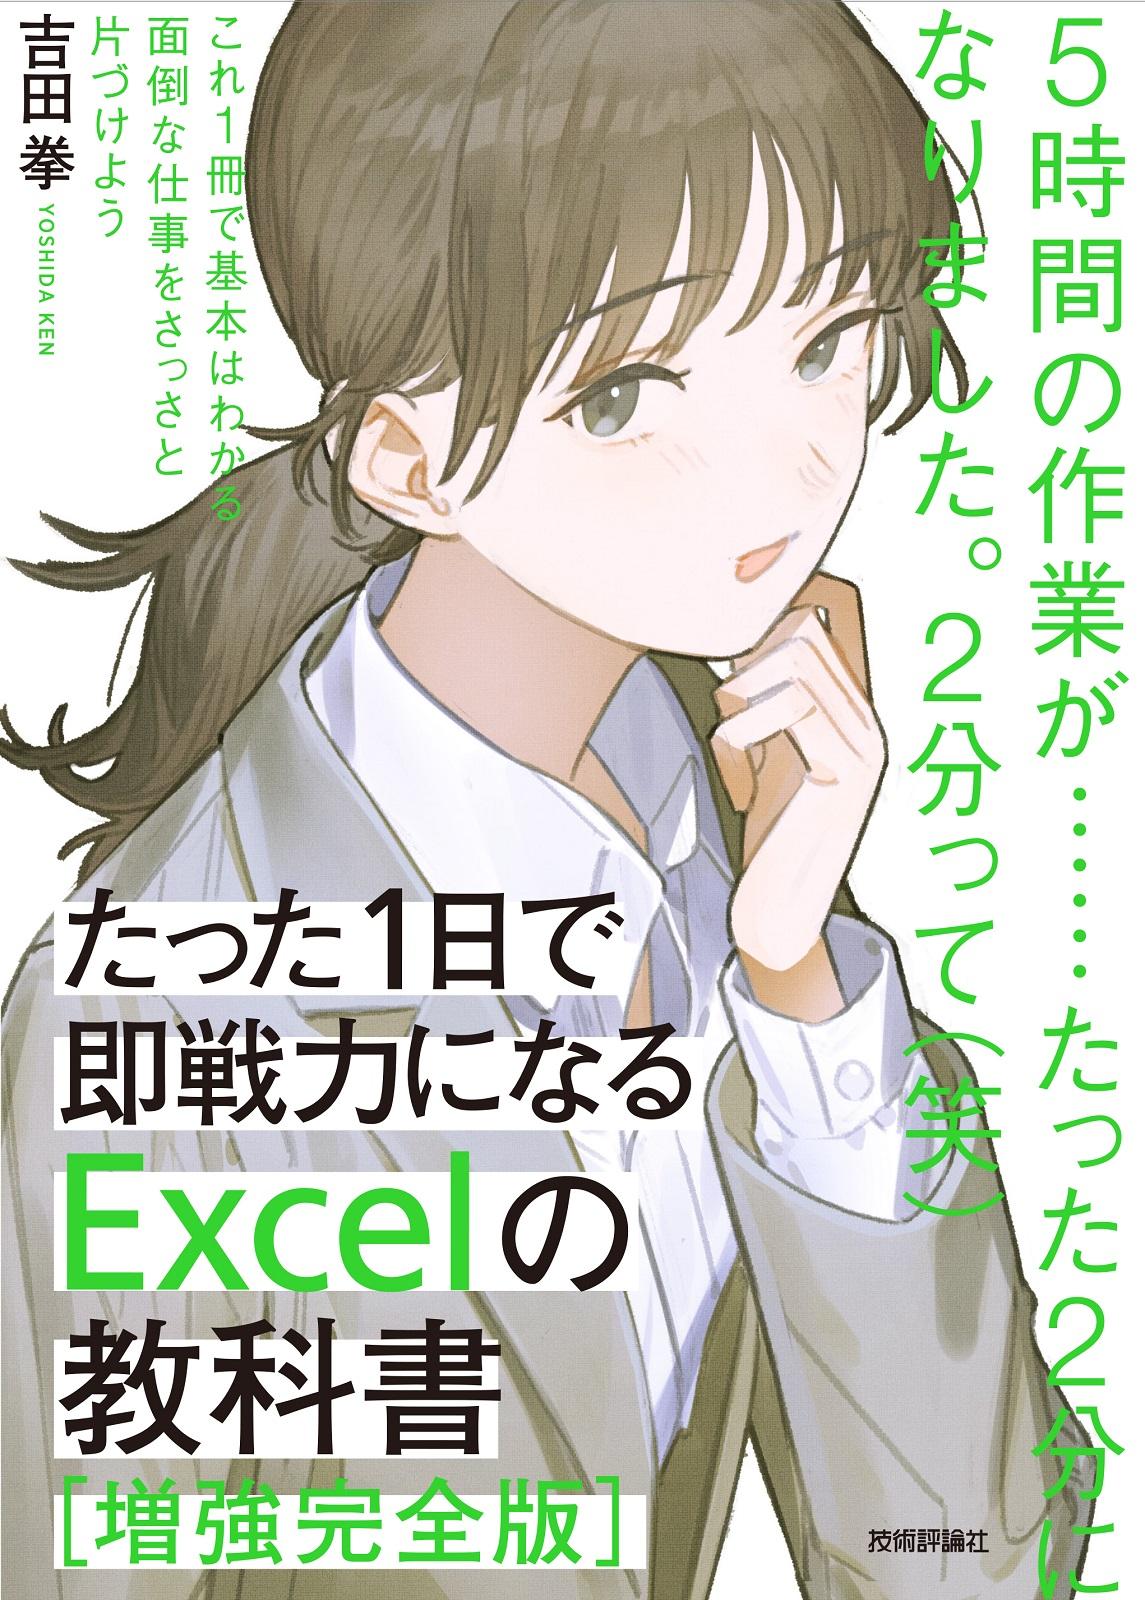 たった1日で即戦力になる Excelの教科書【増強完全版】